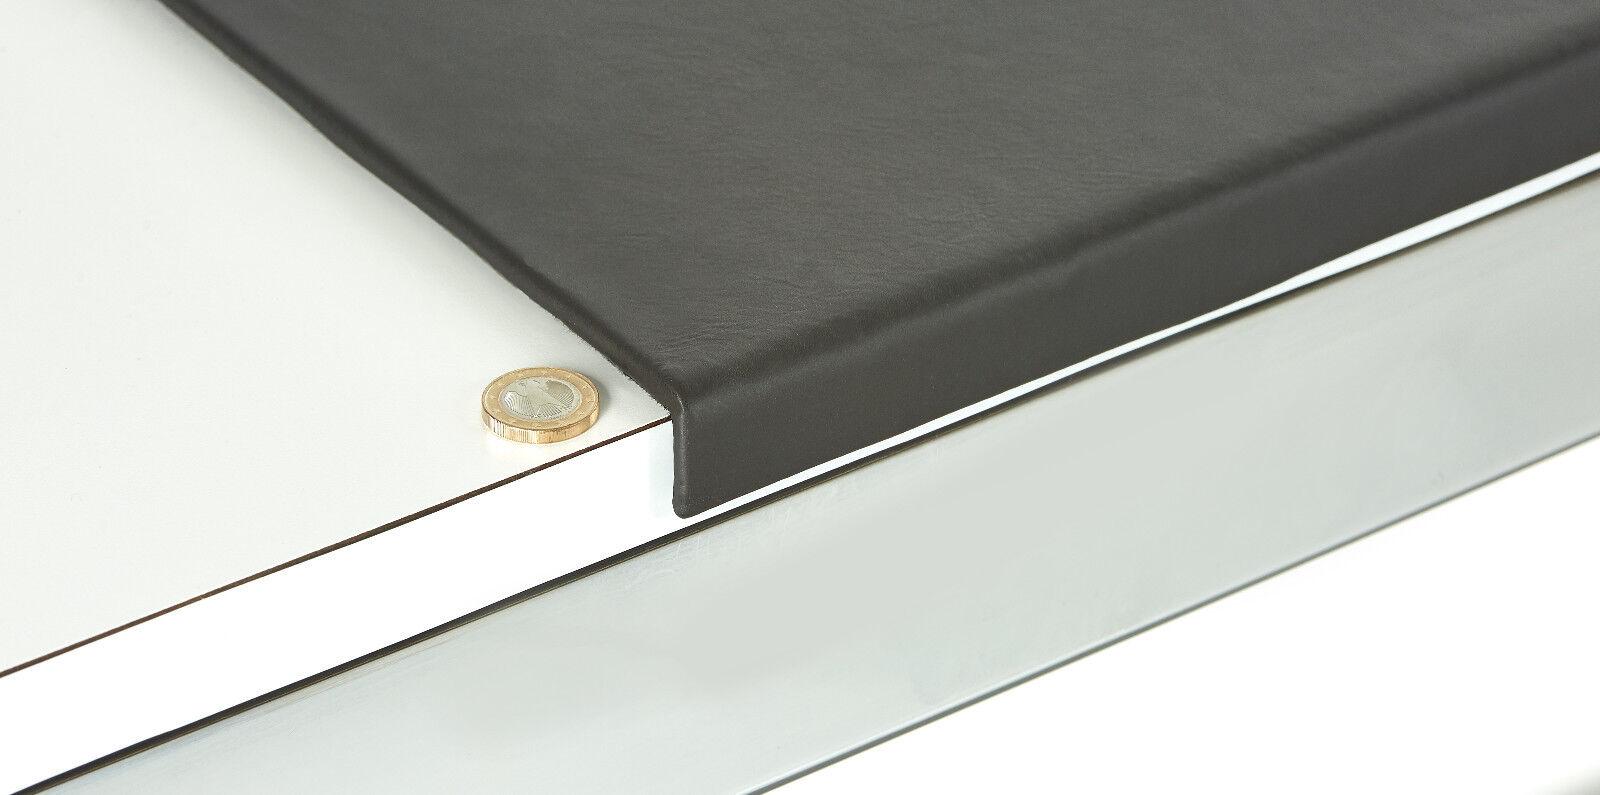 luxentury schreibtischunterlage leder schwarz mit kantenschutz 88x59 cm eur 299 00 picclick de. Black Bedroom Furniture Sets. Home Design Ideas